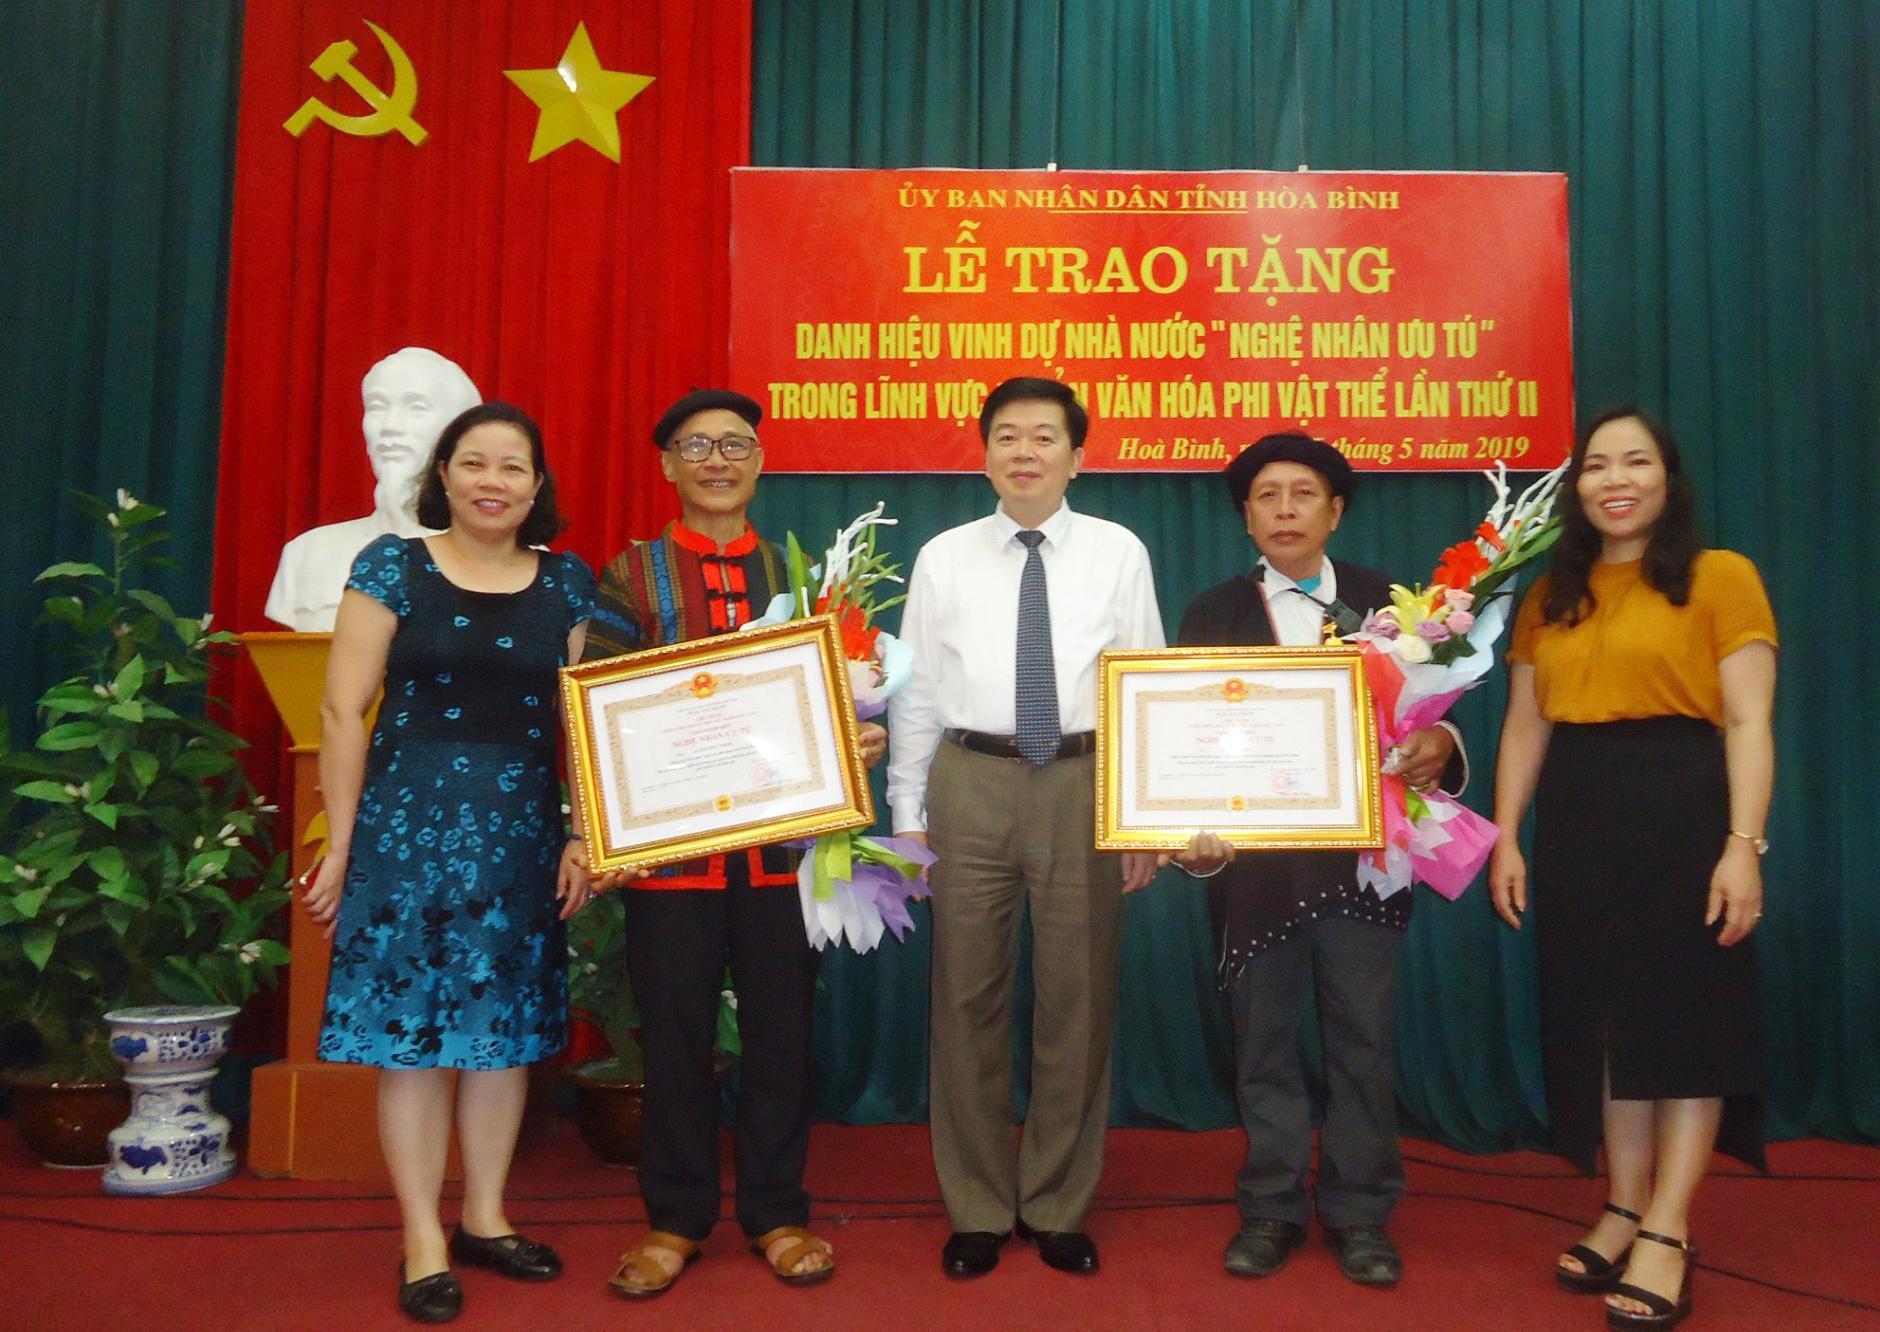 """Thầy giáo Lường Đức Chôm (thứ hai bên trái) được nhận danh hiệu """"Nghệ nhân Ưu tú"""" trong lĩnh vực văn hóa phi vật thể năm 2019"""